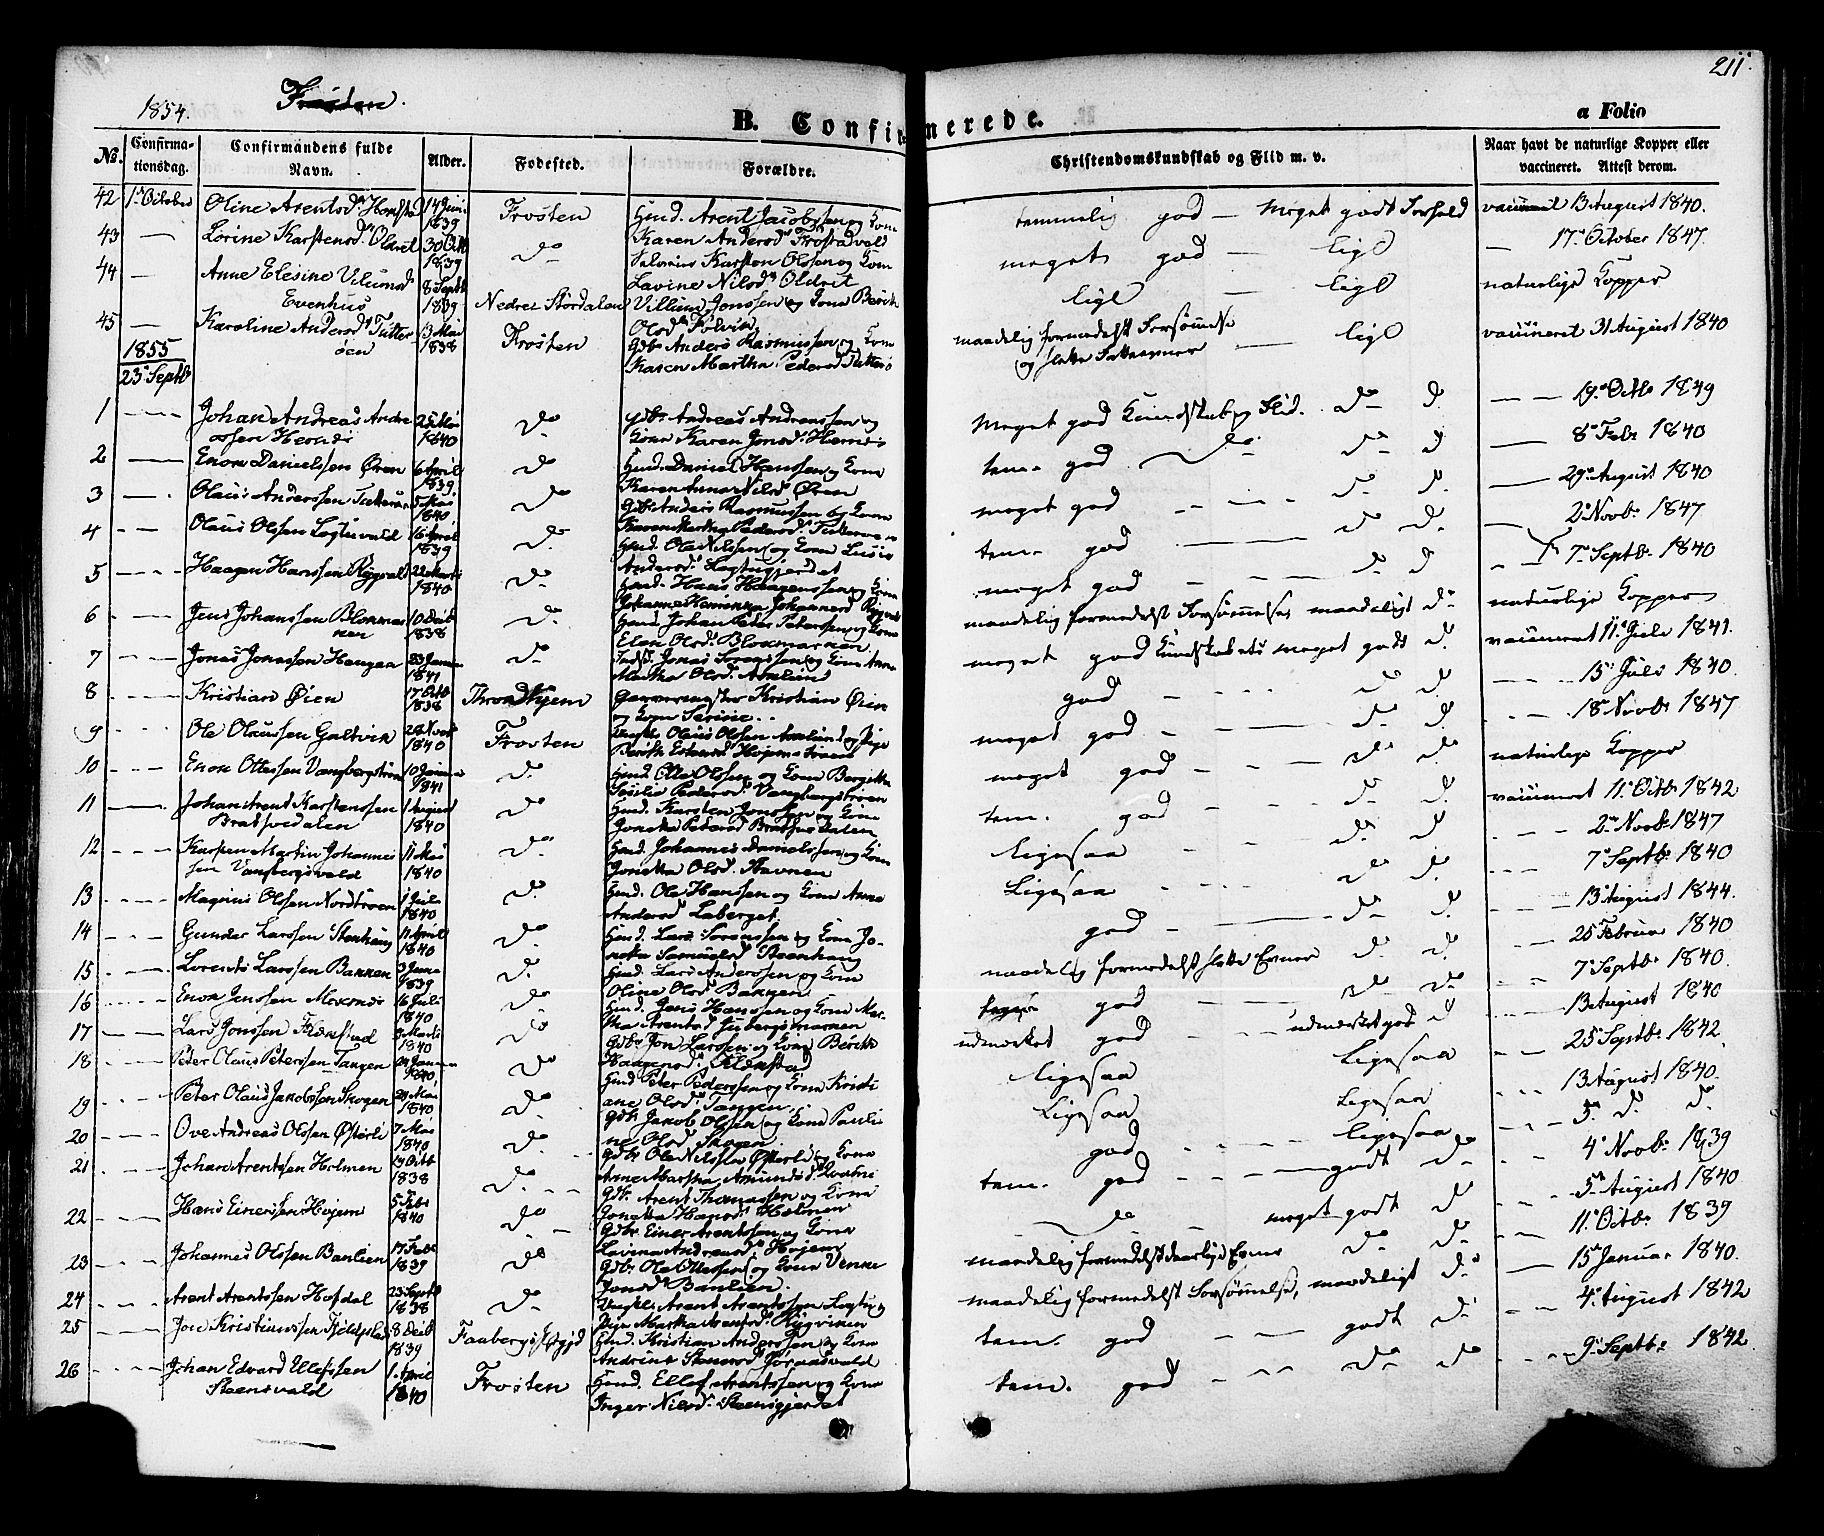 SAT, Ministerialprotokoller, klokkerbøker og fødselsregistre - Nord-Trøndelag, 713/L0116: Ministerialbok nr. 713A07 /1, 1850-1877, s. 211